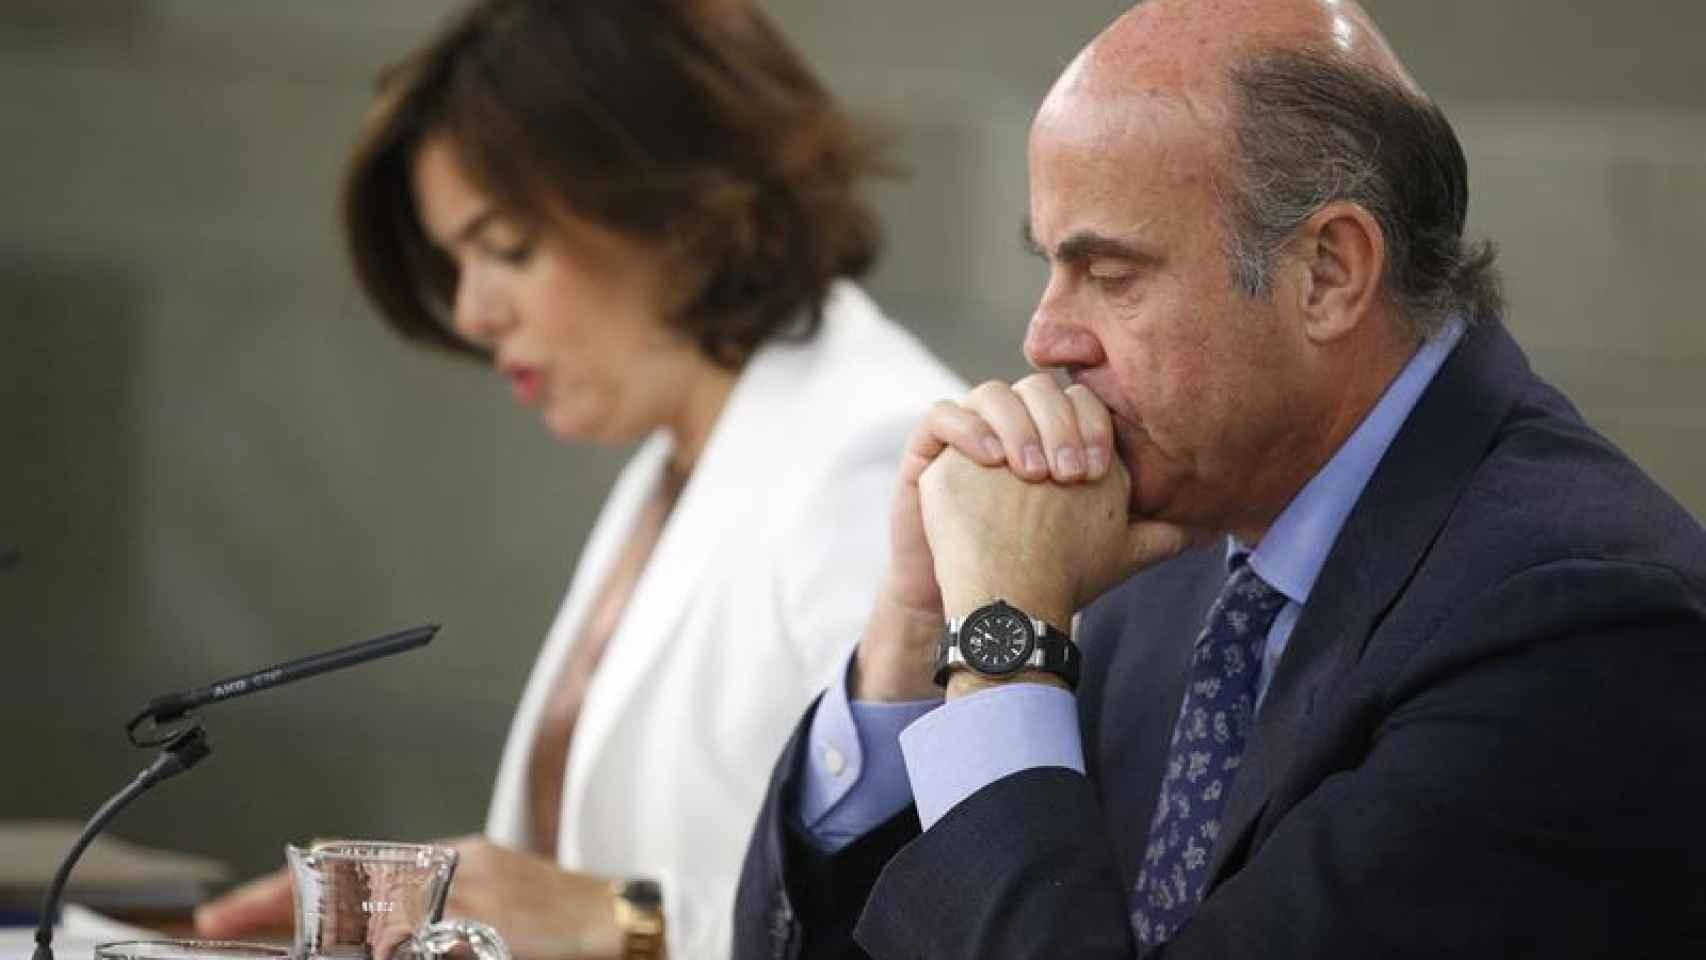 La vicepresidenta, Sáenz de Santamaría y el ministro de Economía, Guindos